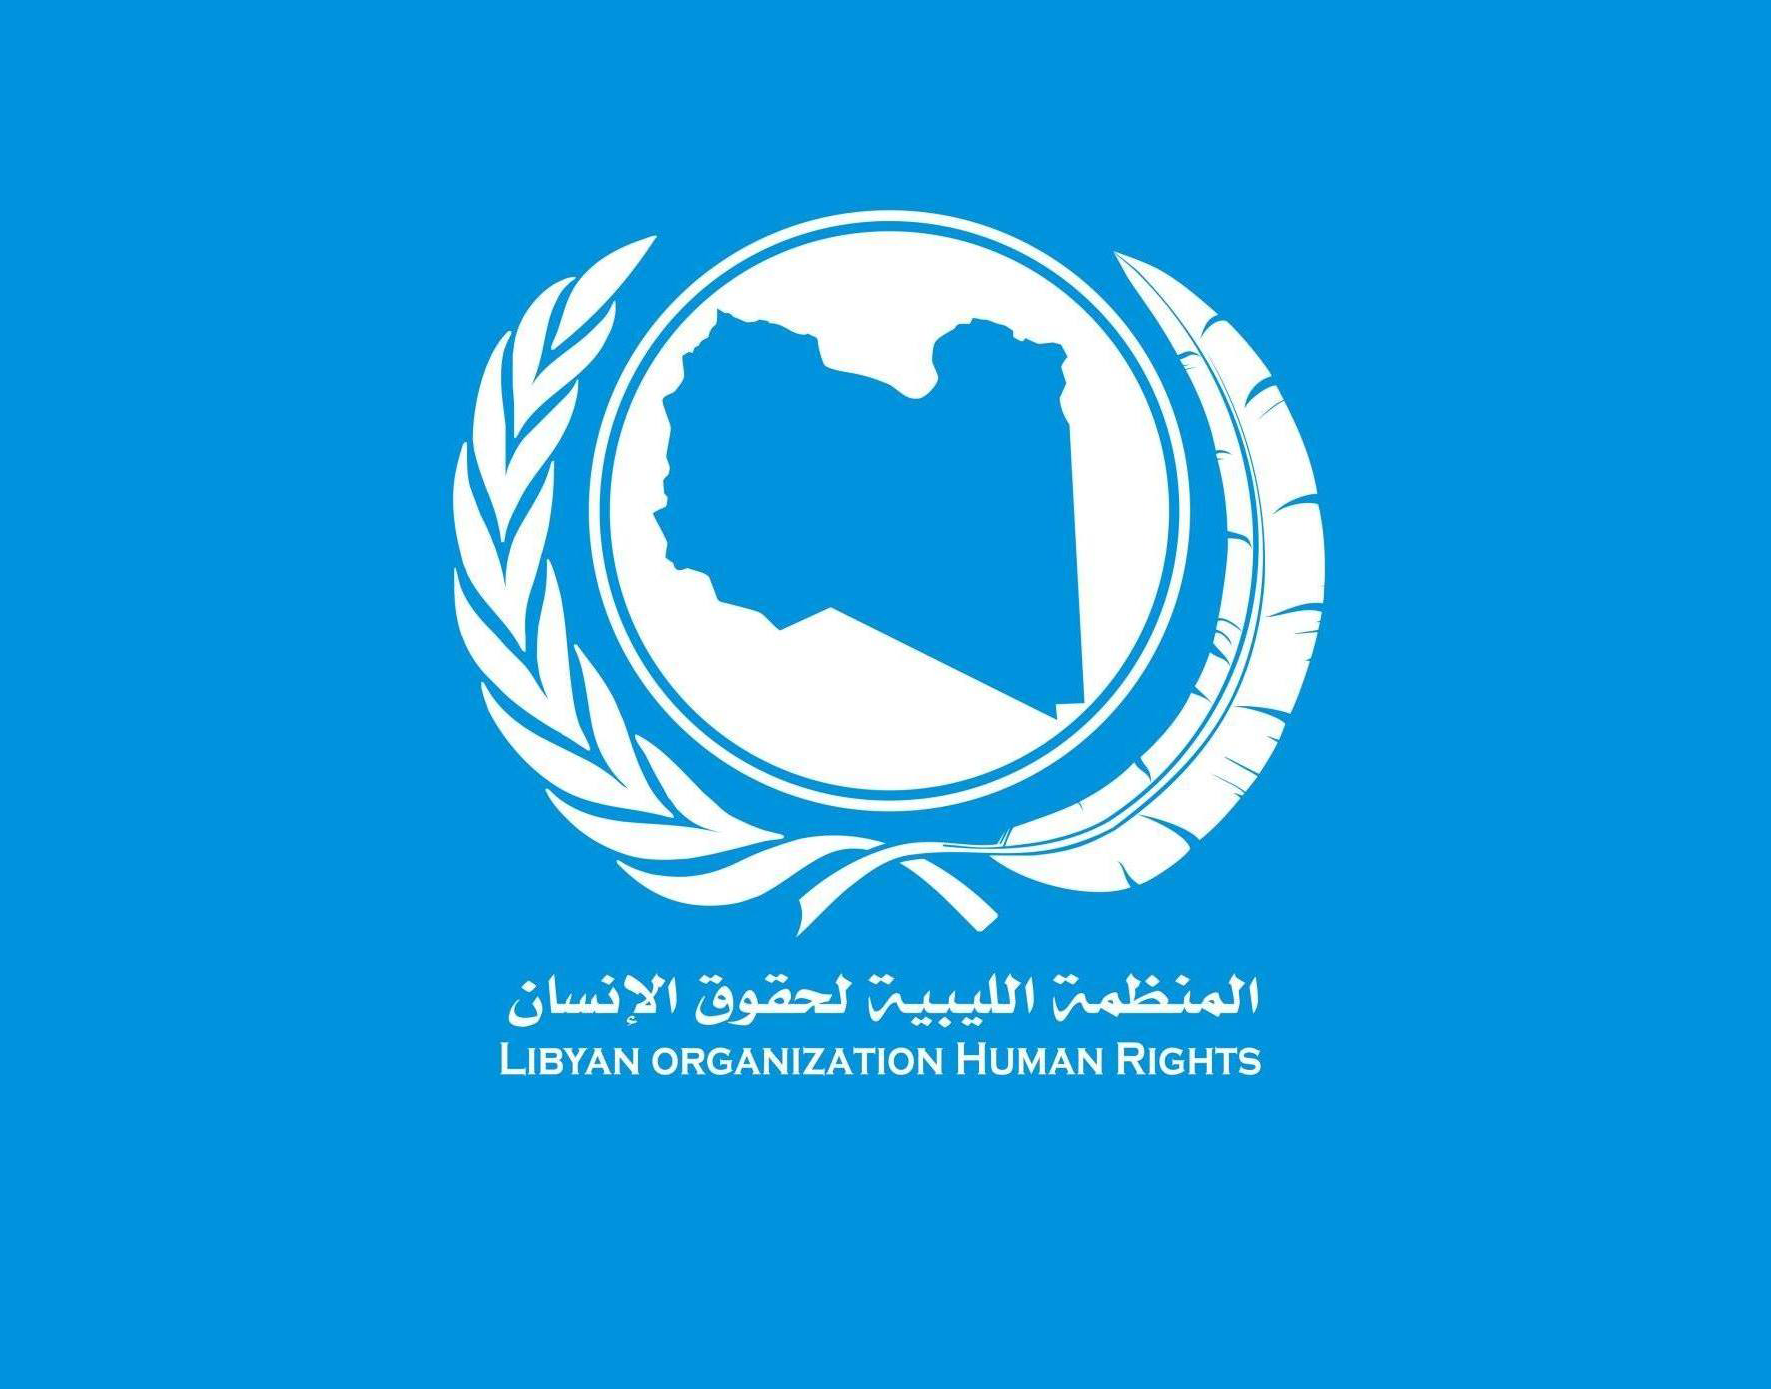 المنظمة الليبية لحقوق الإنسان